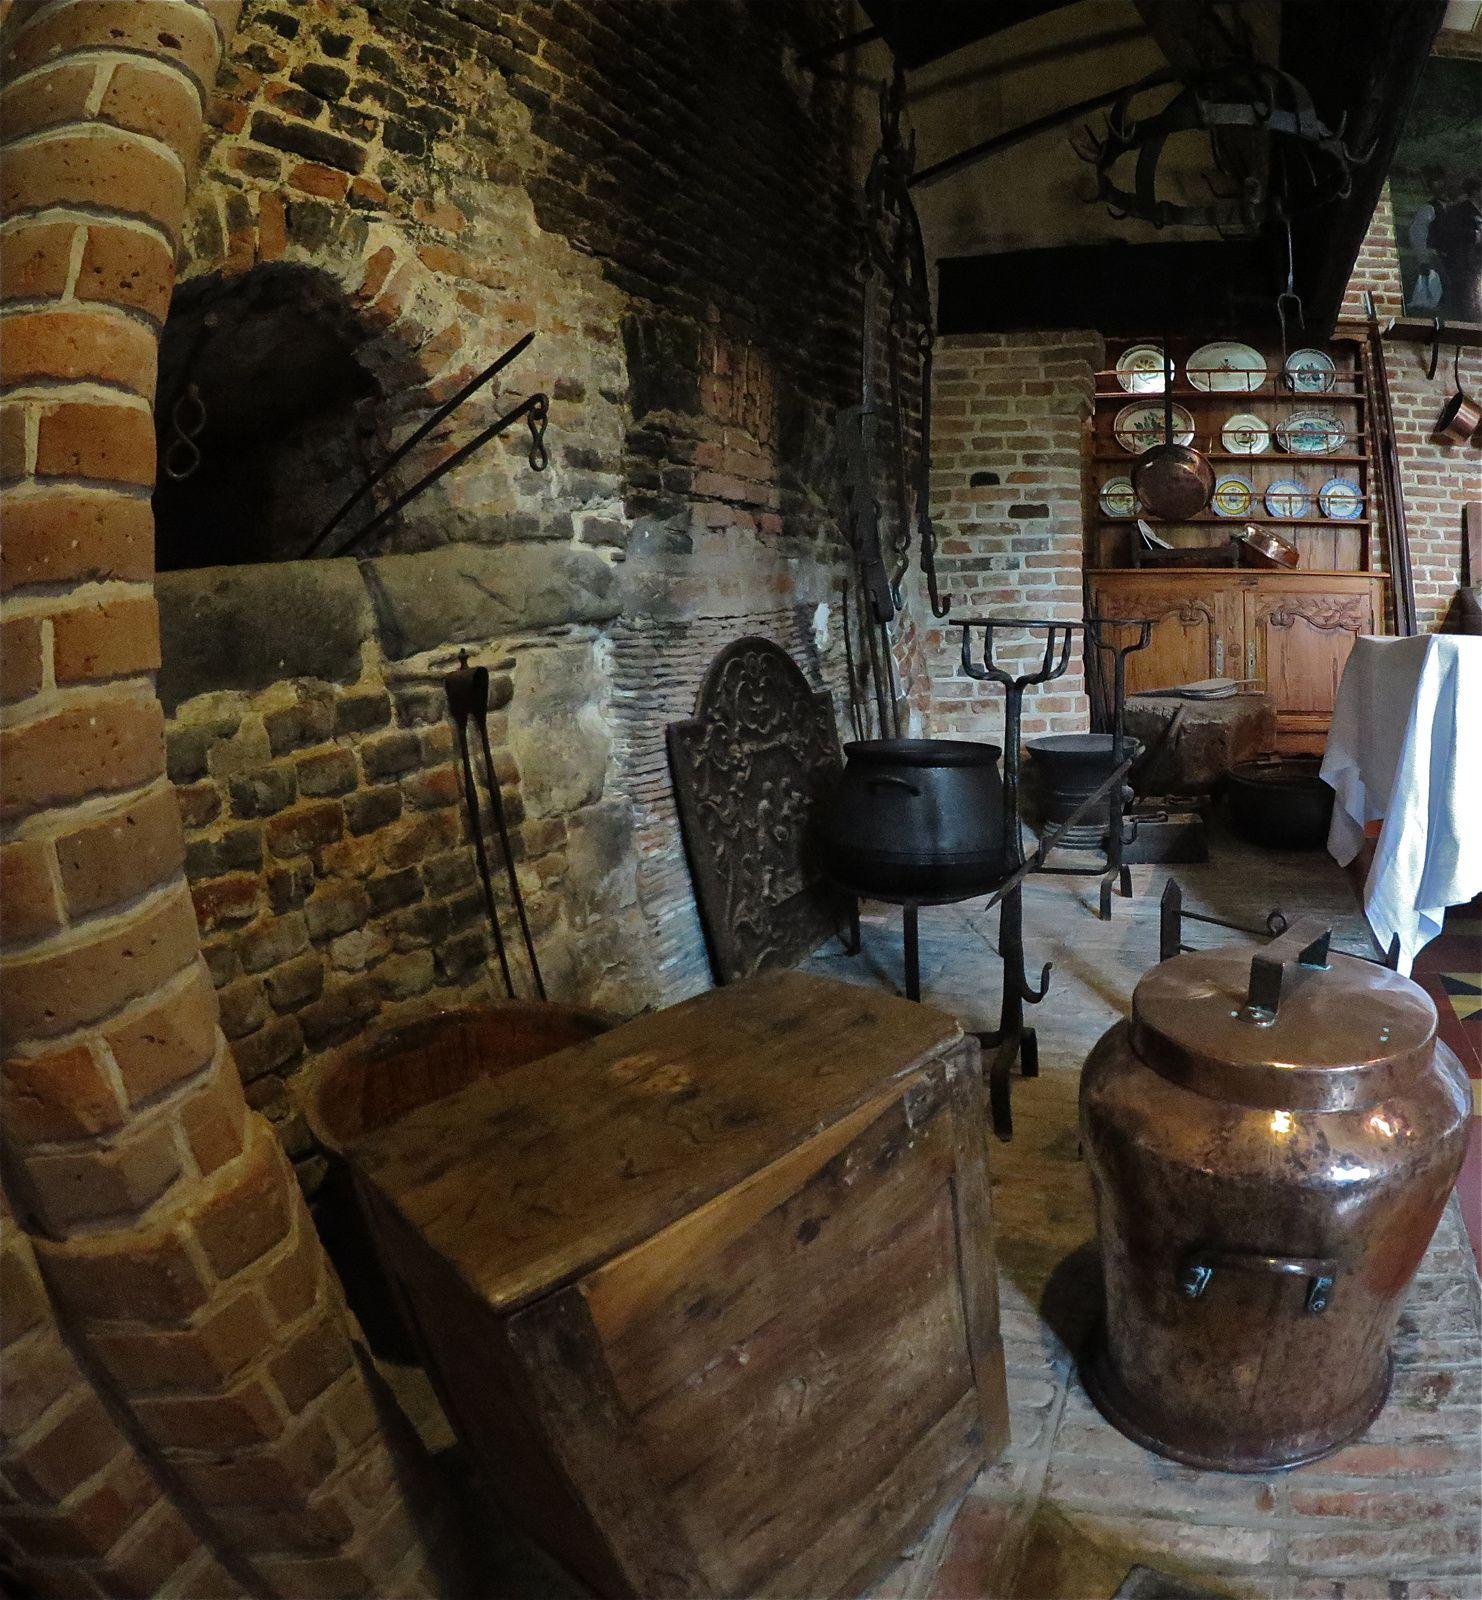 L'équipement le plus courant dans les fermes normandes est composé d'une crémaillière à laquelle est suspendu le chaudron, d'une marmite à trois pieds pour la cuisson dans la braise ou encore d'une paire de chenets supportant les bûches. © Photo : Henry SALAMONE